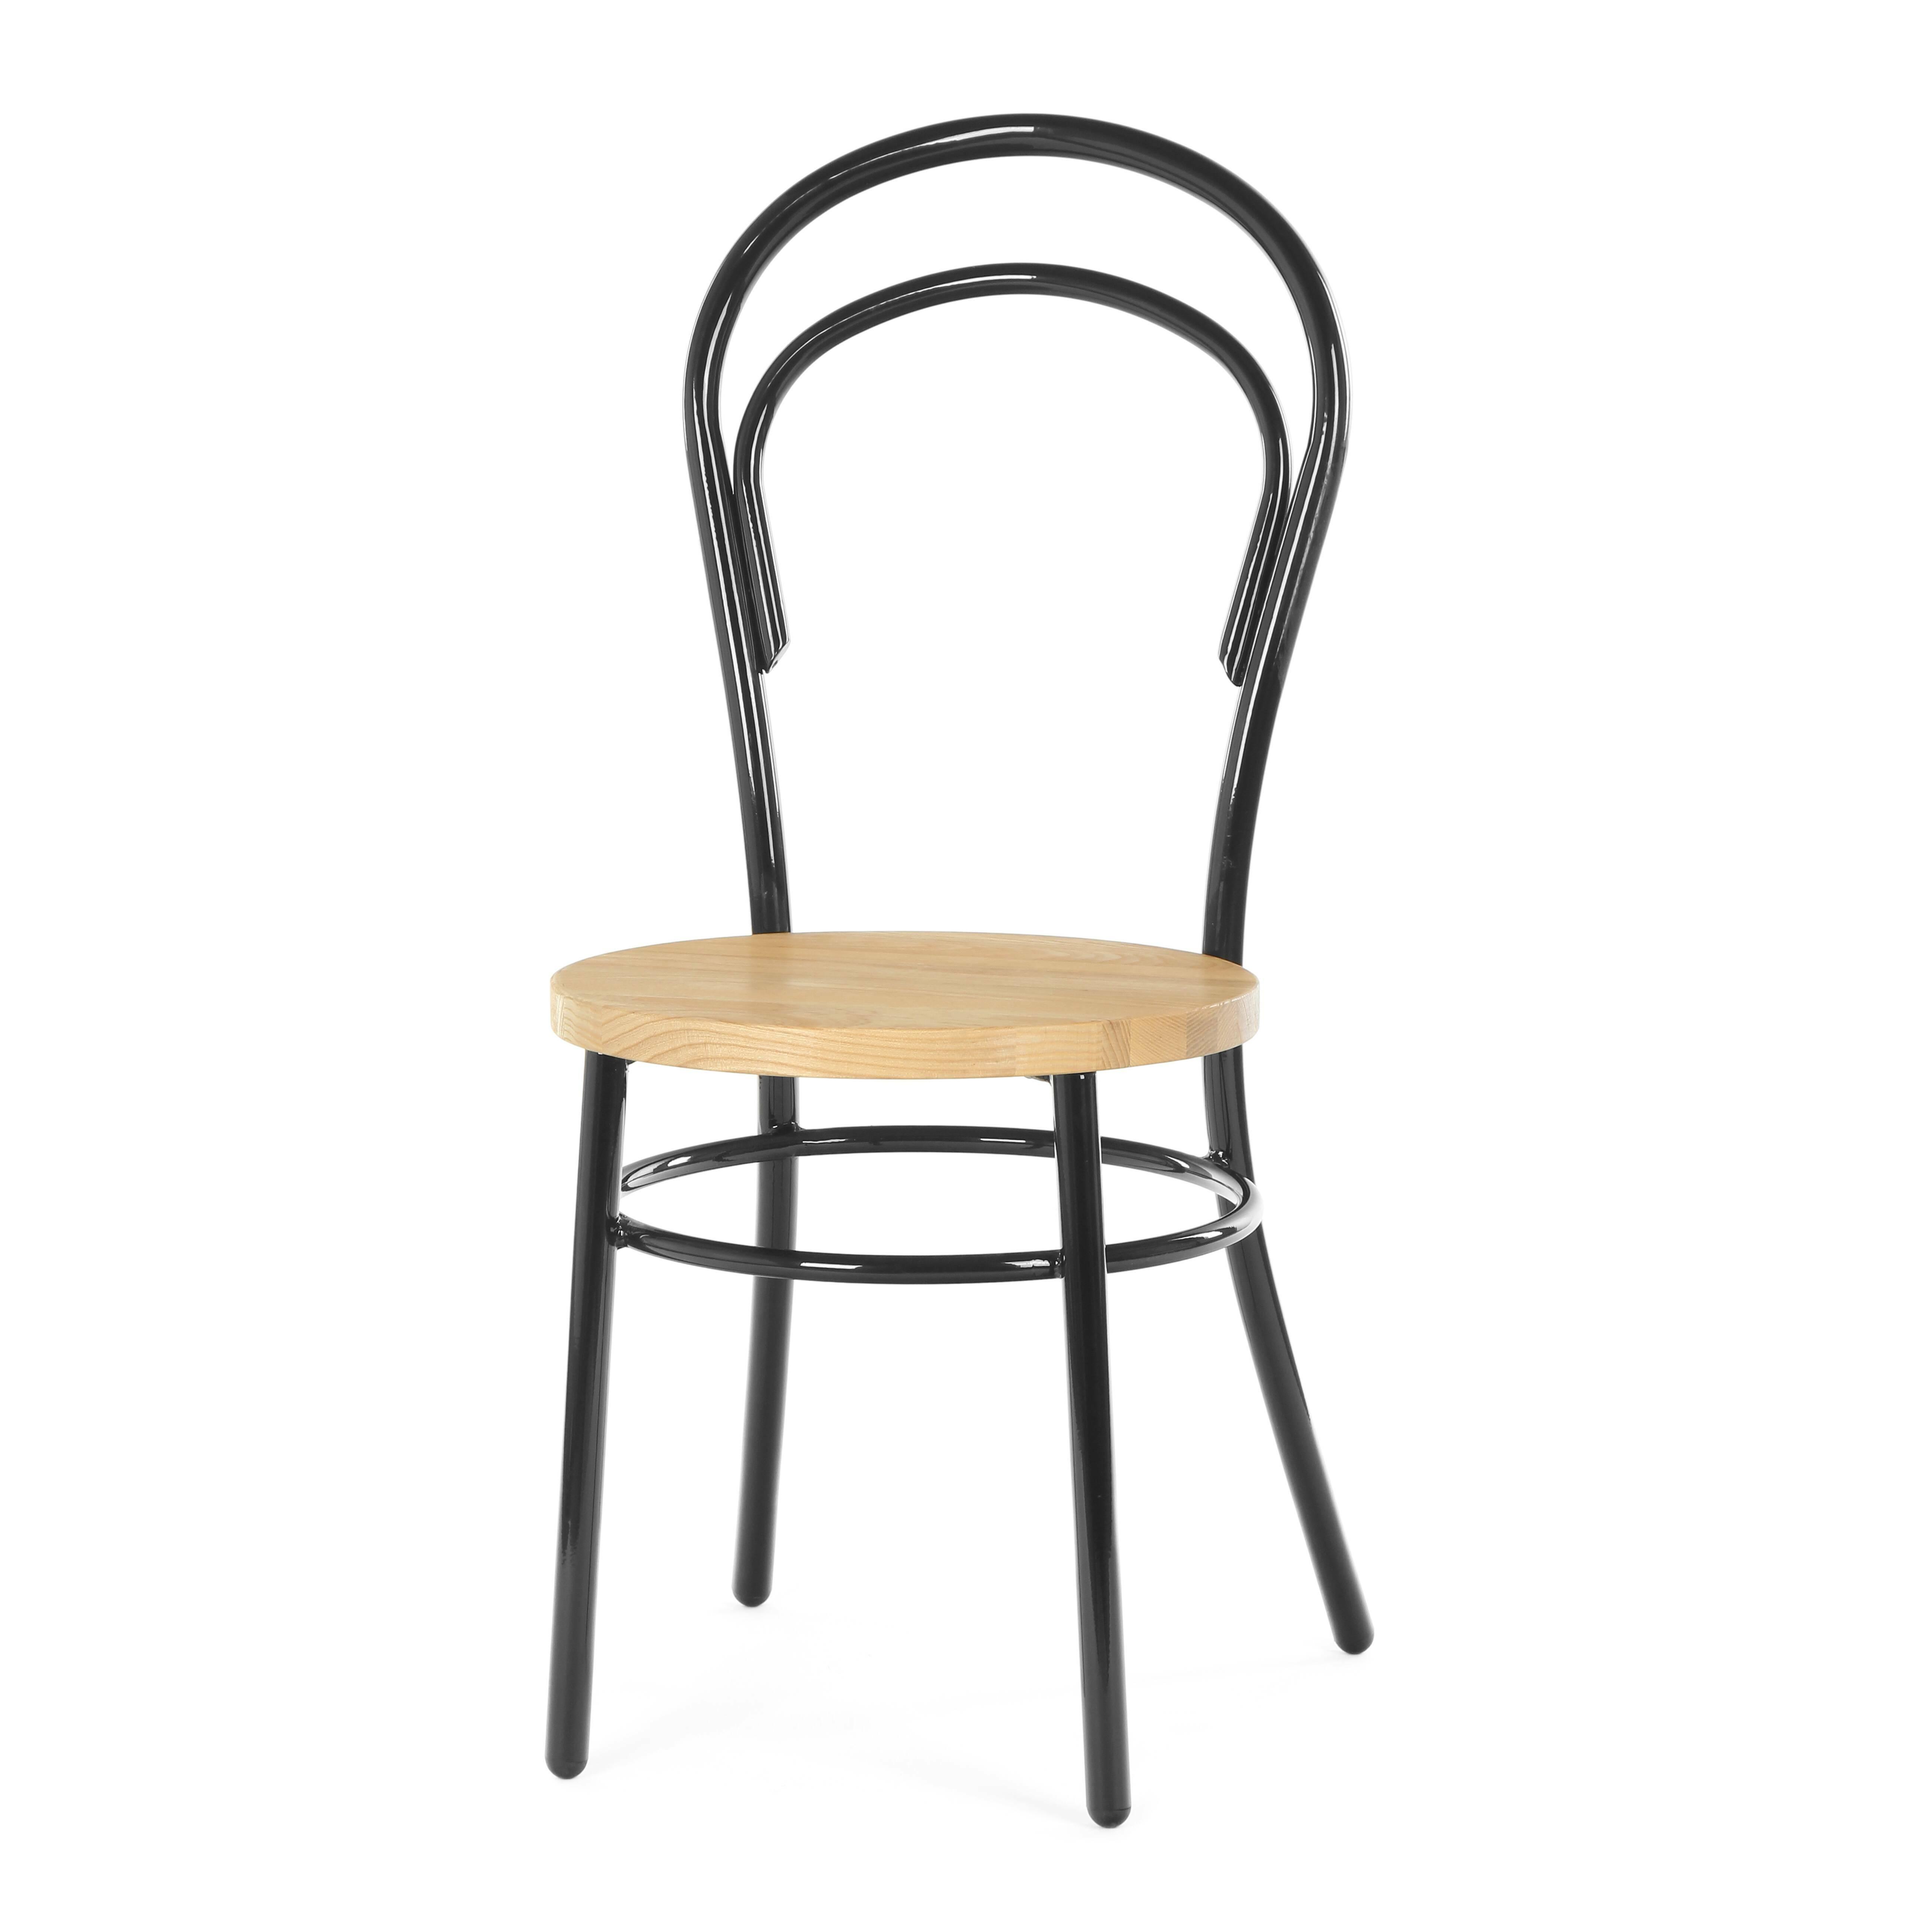 Стул Thonet №14Интерьерные<br>Простая, легкая и воздушная модель этого стула — это классика, которая никогда не устаревает. Плавные изгибы линий при всей своей непритязательности отличаются изысканностью, чистота форм радует глаз. Стул Thonet №14 будет прекрасно смотреться в любом интерьере и подойдет для самых разных помещений — переговорной комнаты, столовой, кафе, детской. Изготовленный из натуральных материалов, он экологичен и удобен. Простой в уходе и надежный, этот стул не зря уже много десятилетий не теряет св...<br><br>stock: 30<br>Высота: 92<br>Высота сиденья: 45<br>Ширина: 44<br>Глубина: 42<br>Тип материала каркаса: Сталь<br>Материал сидения: Массив ясеня<br>Цвет сидения: Светло-коричневый<br>Тип материала сидения: Дерево<br>Цвет каркаса: Черный